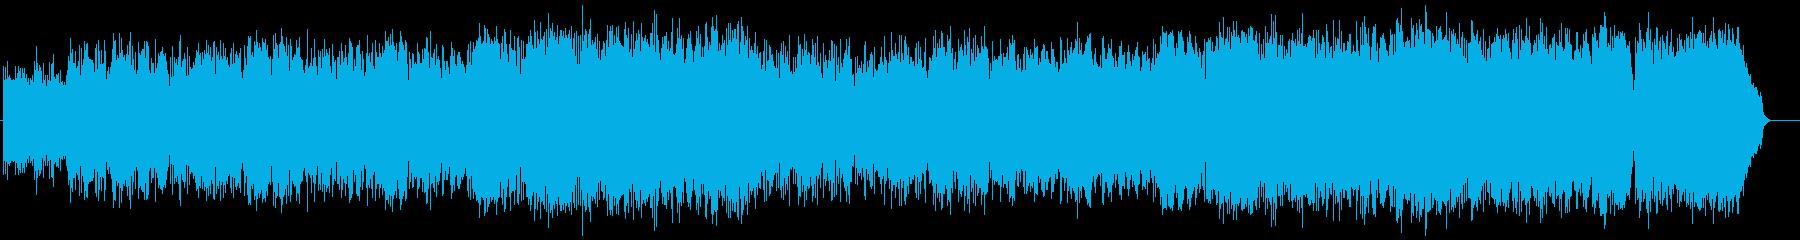 ゴージャスなライトオーケストラ風ポップスの再生済みの波形